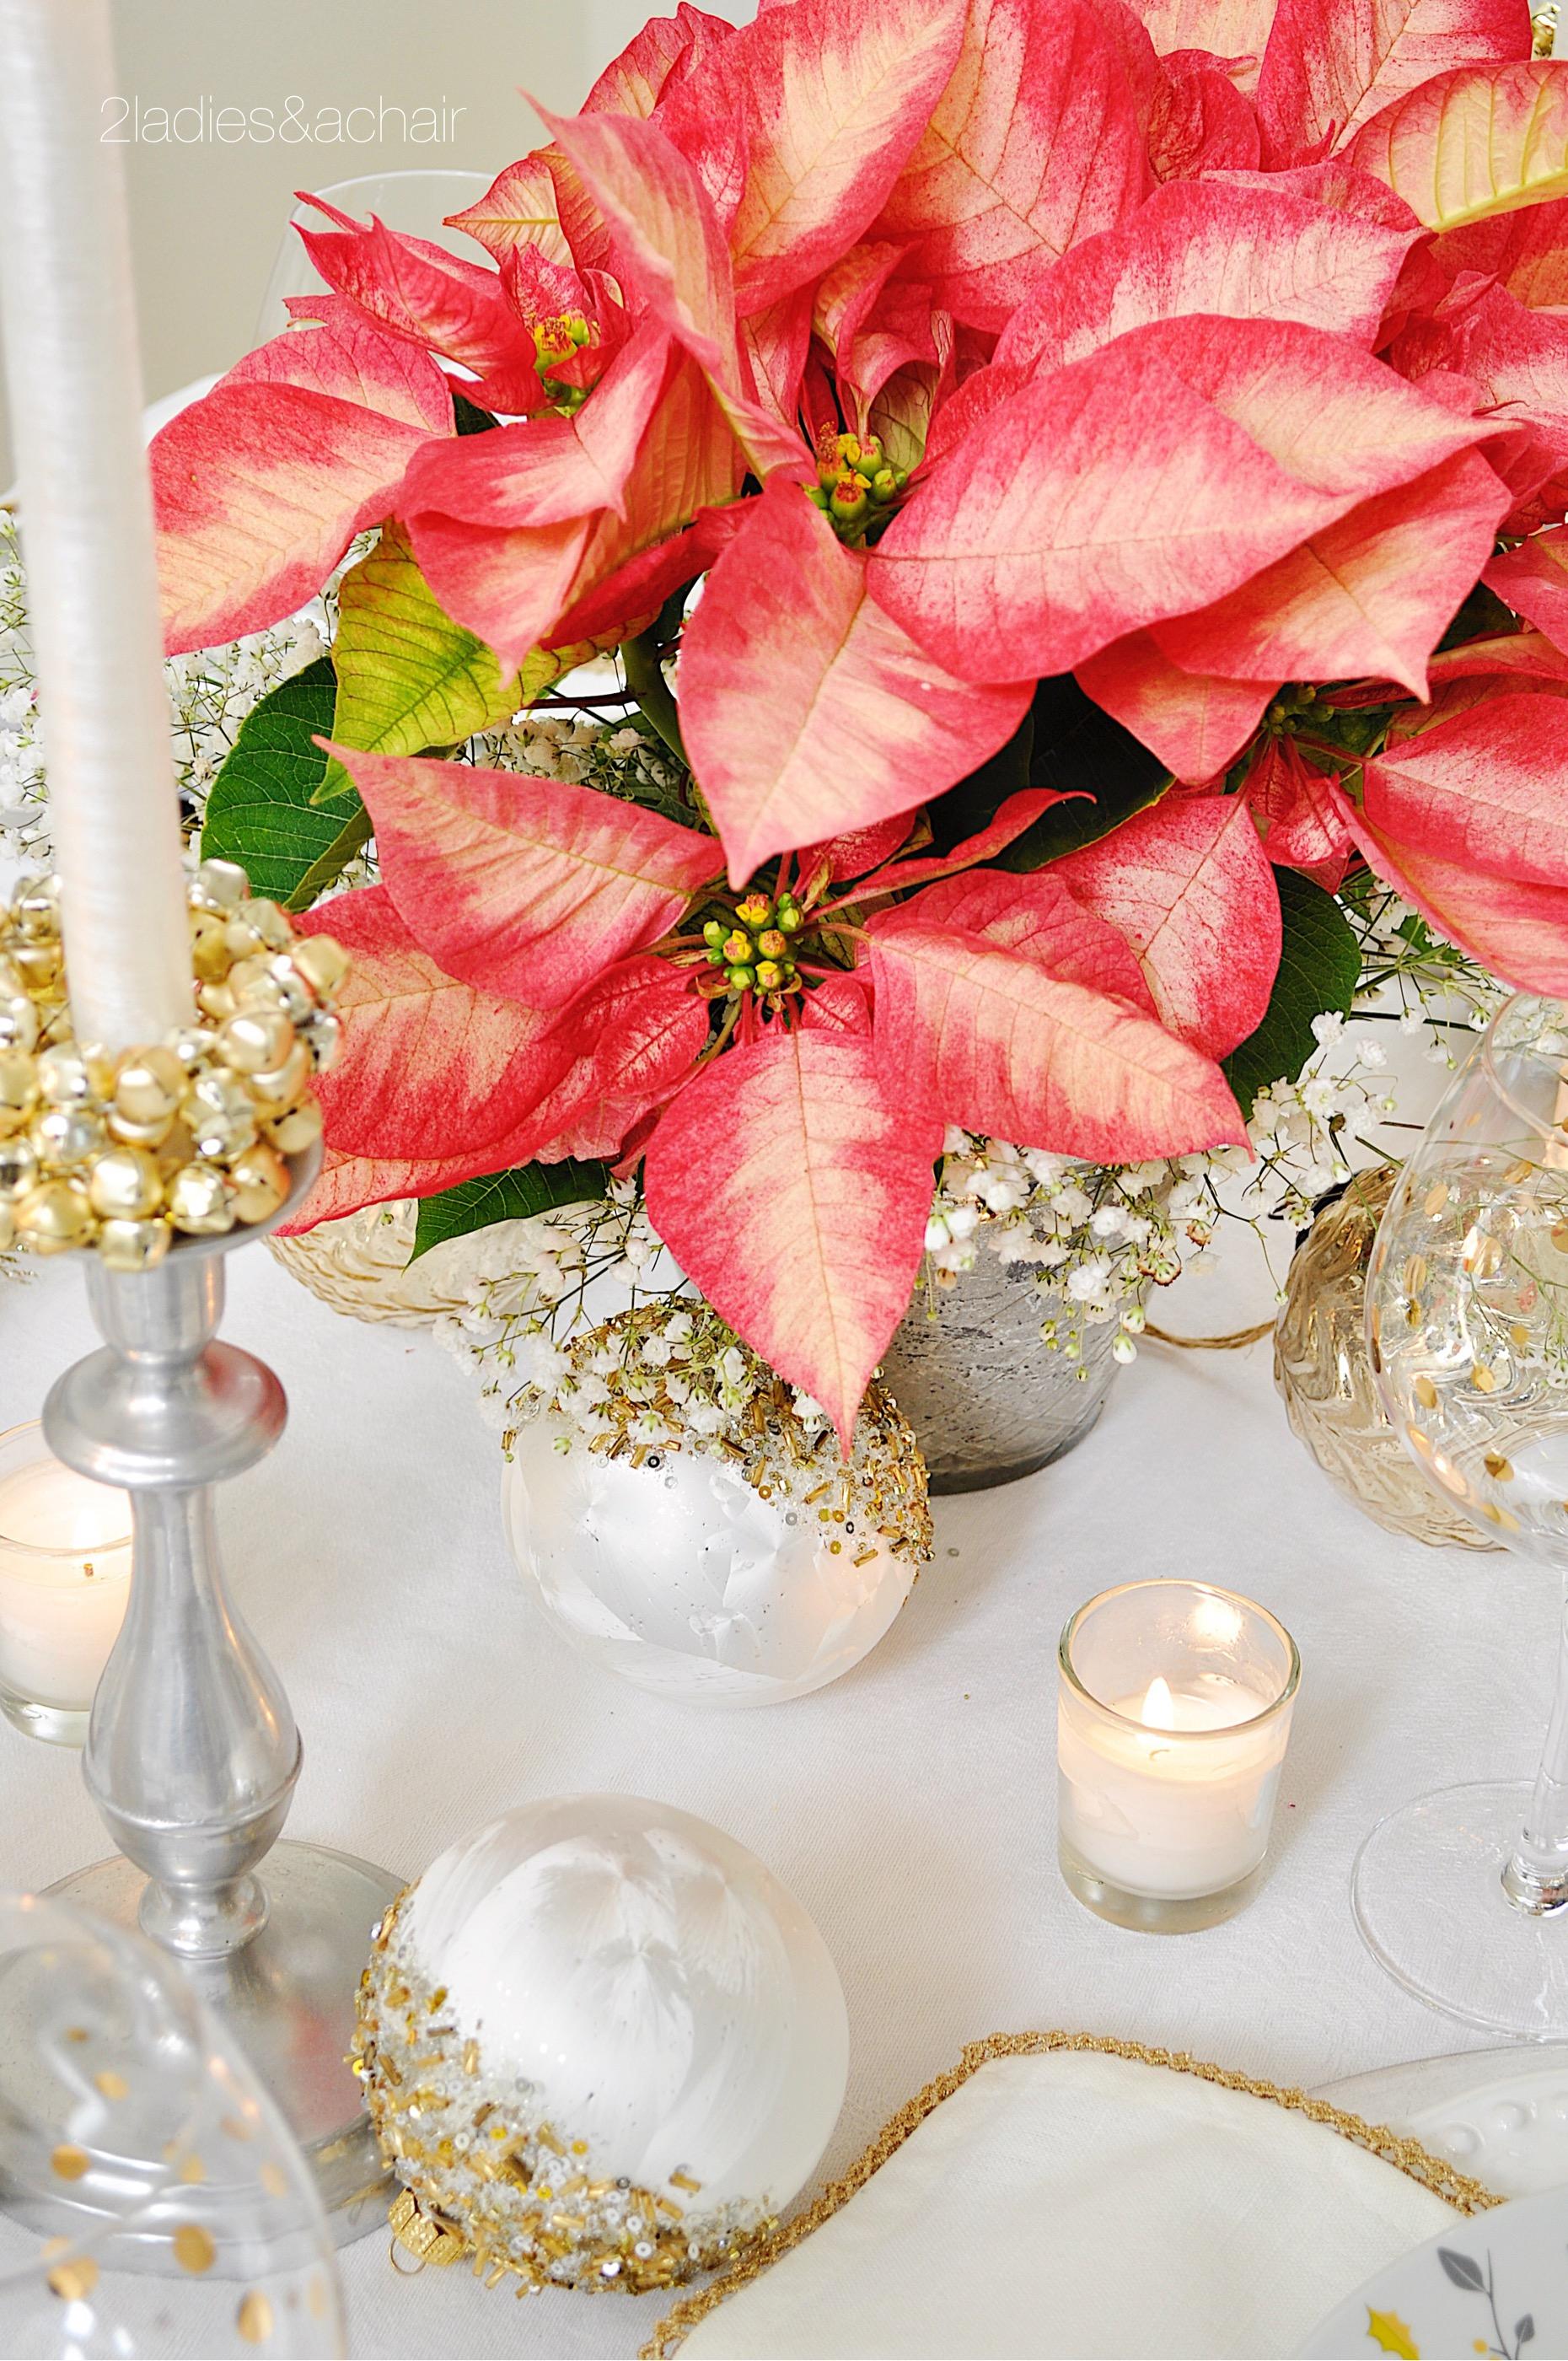 christmas tablescape ideas IMG_8754.JPG